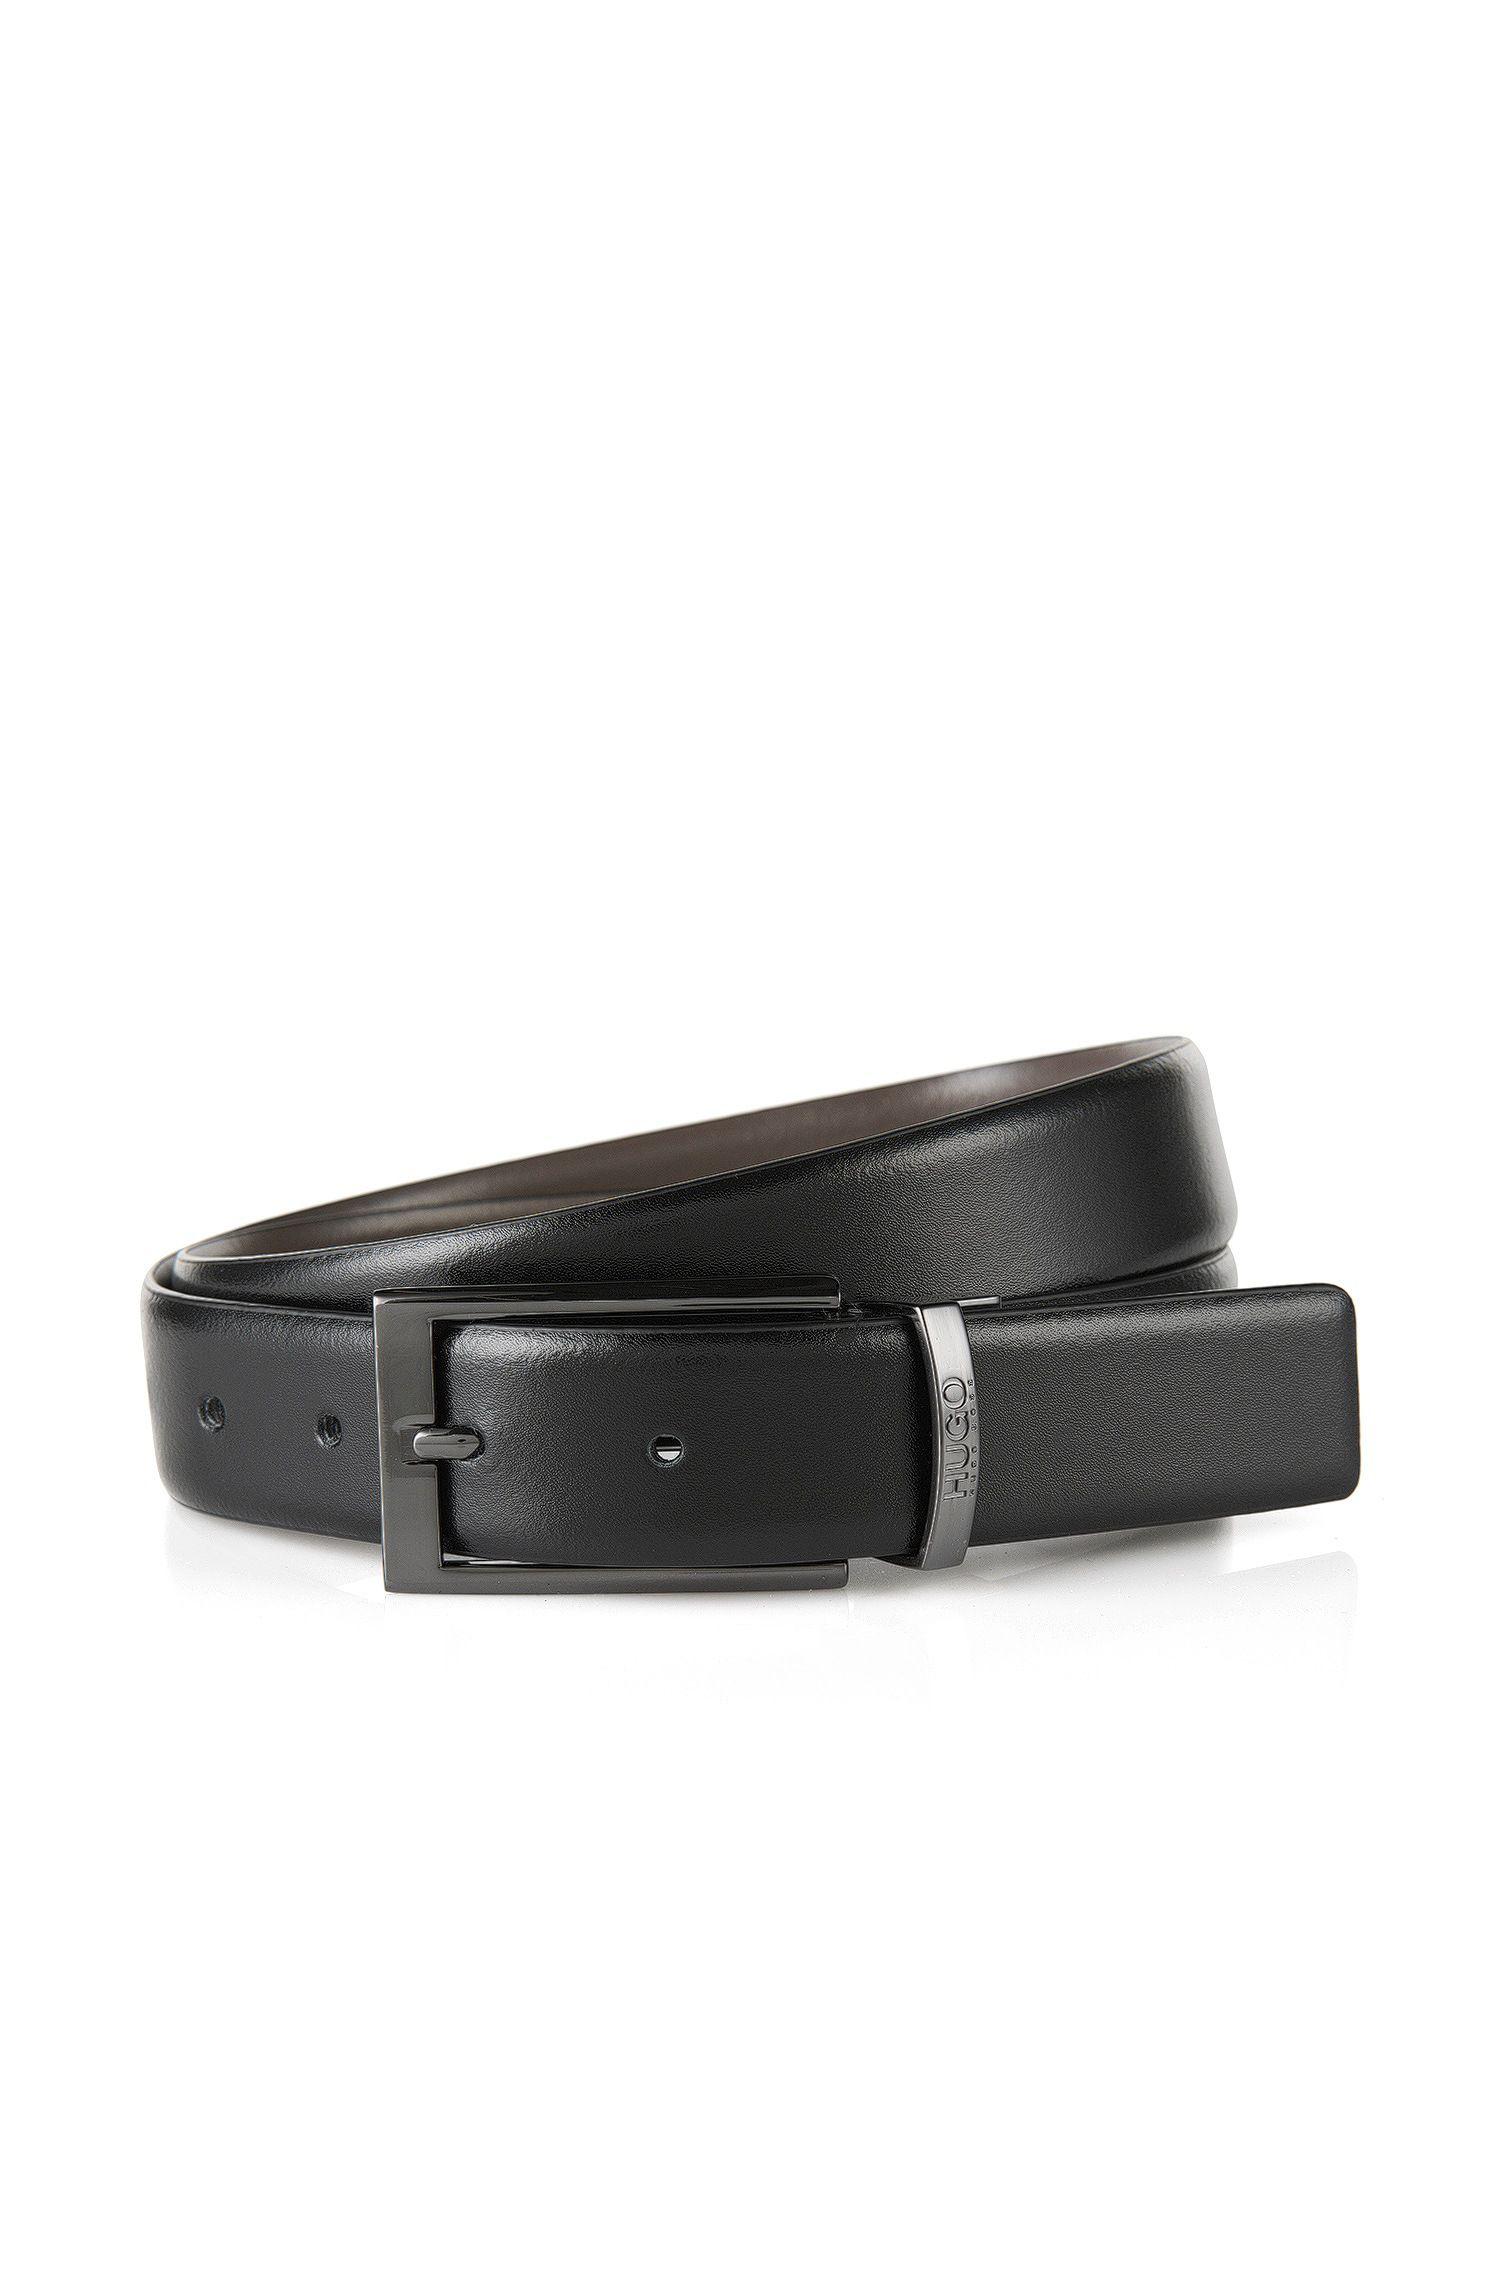 Cinturón reversible de piel lisa con herraje de metal pesado